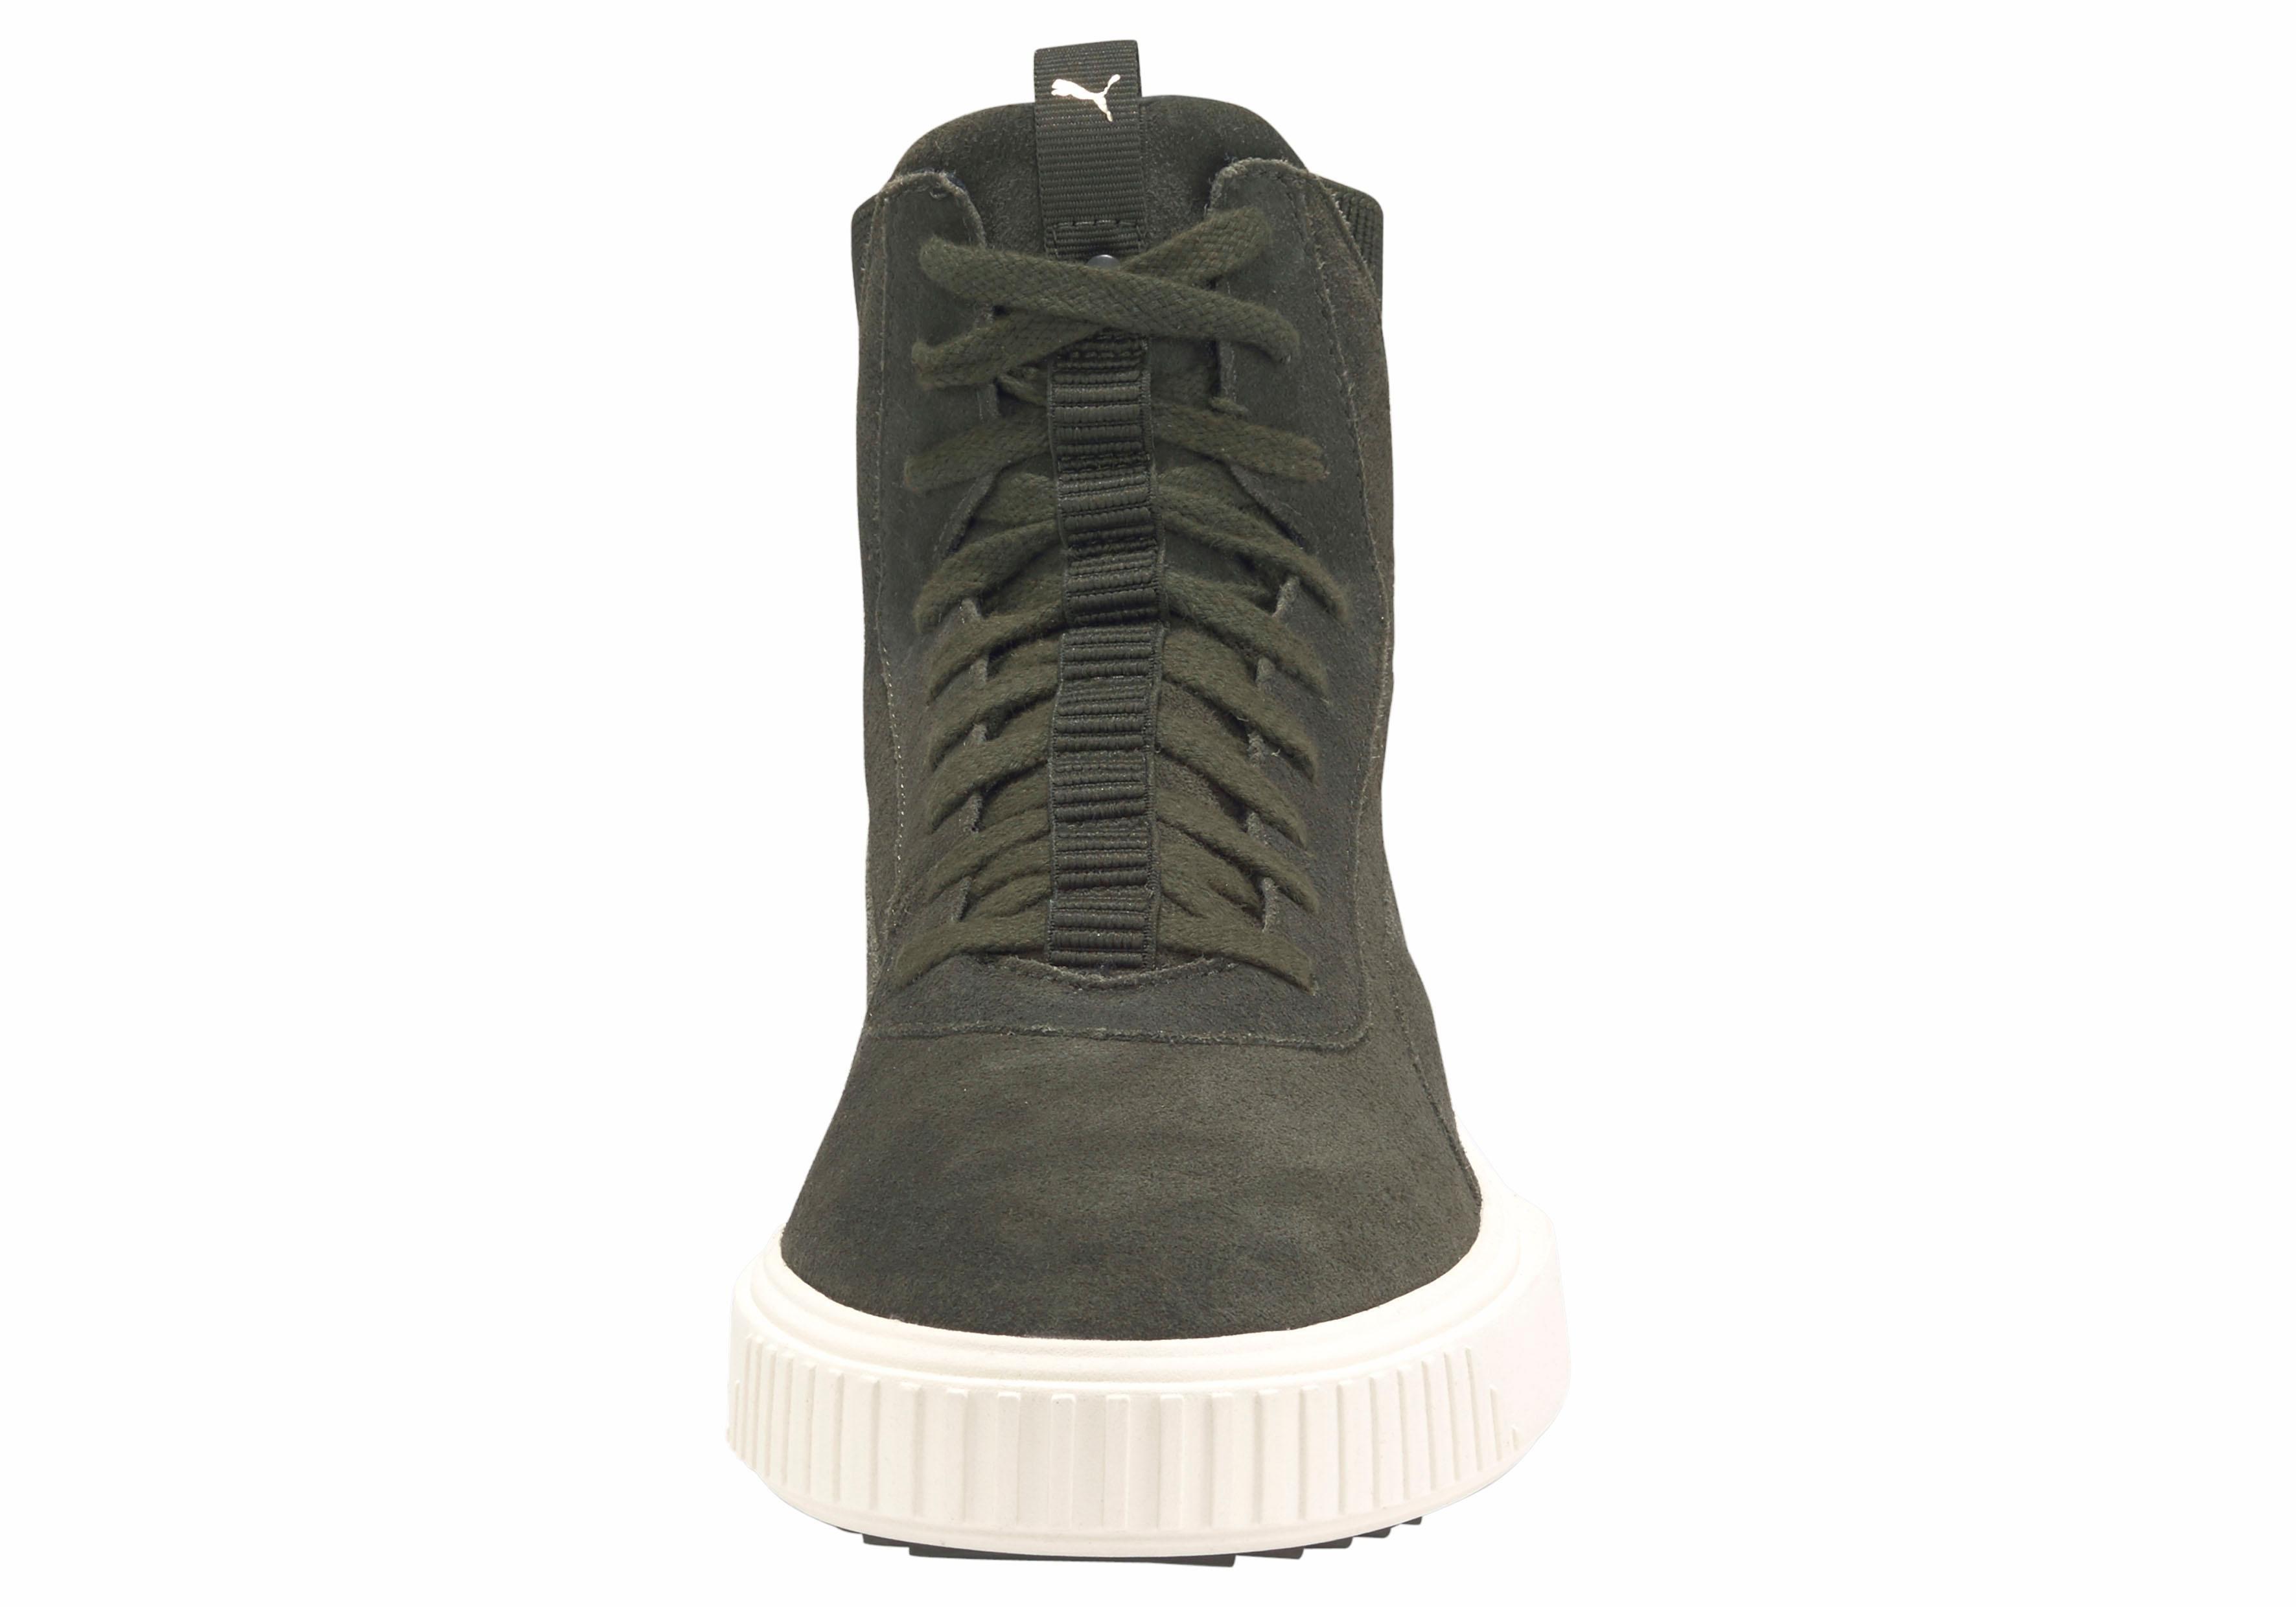 Sneakersbreaker Puma Sneakersbreaker Puma Hi Hi Online Shoppen jLq5R3Ac4S